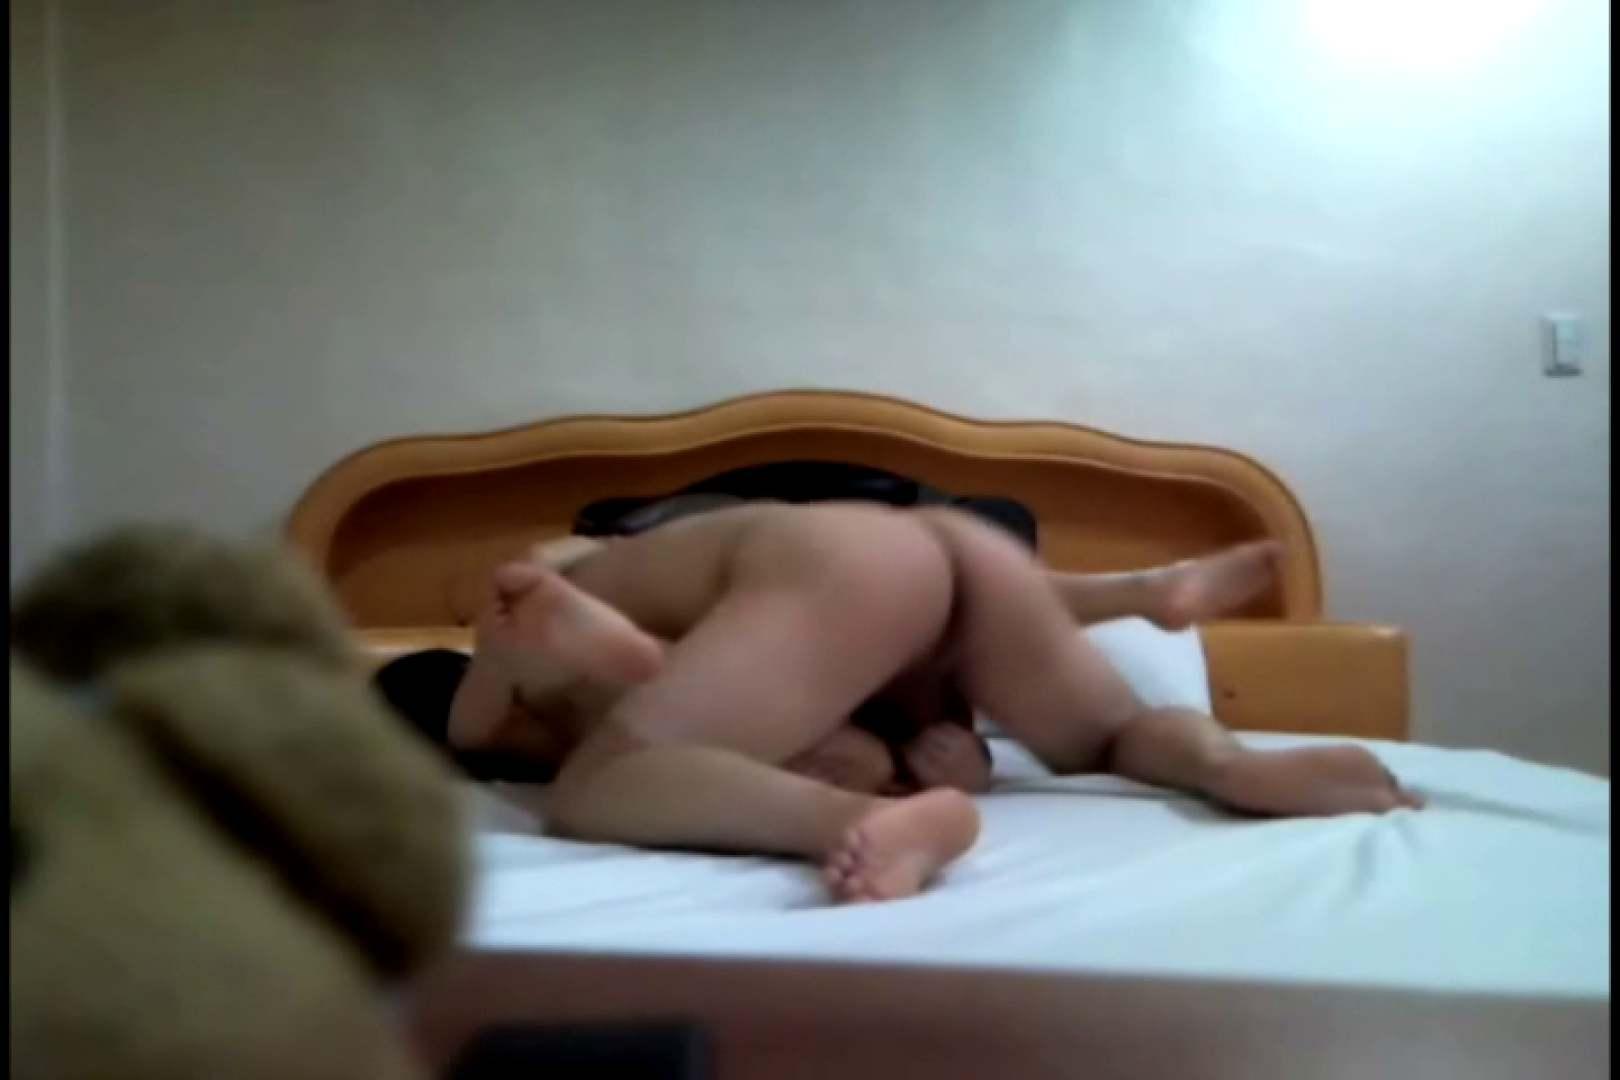 コリアン素人流出シリーズ ラブホテル隠し撮り 素人丸裸  78pic 40